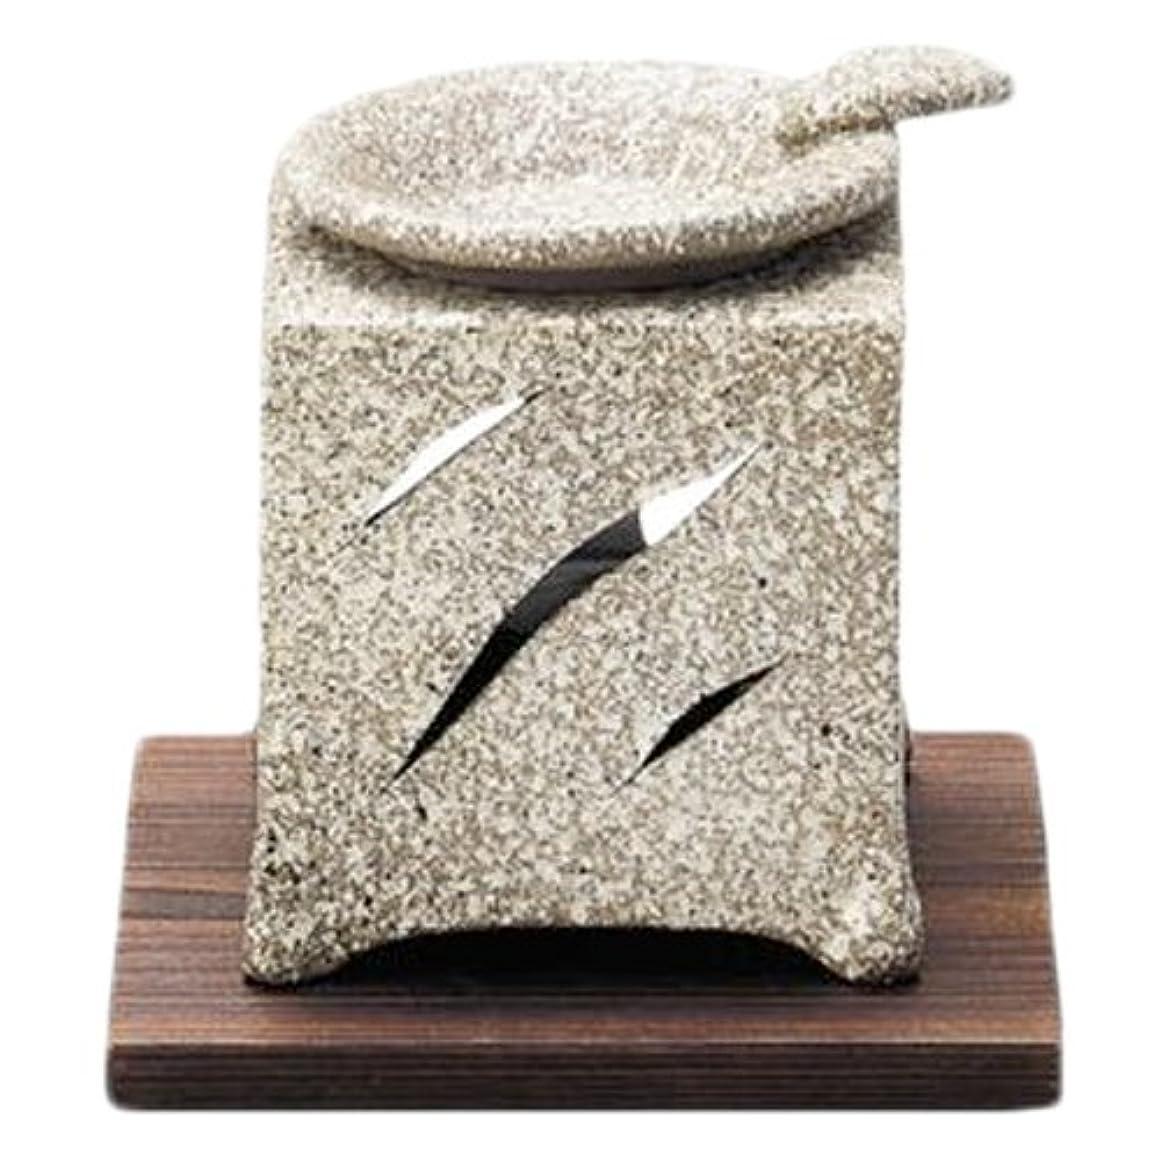 漏斗インペリアル実り多い常滑焼5-261山房 石風角形茶香炉 AM-T1054